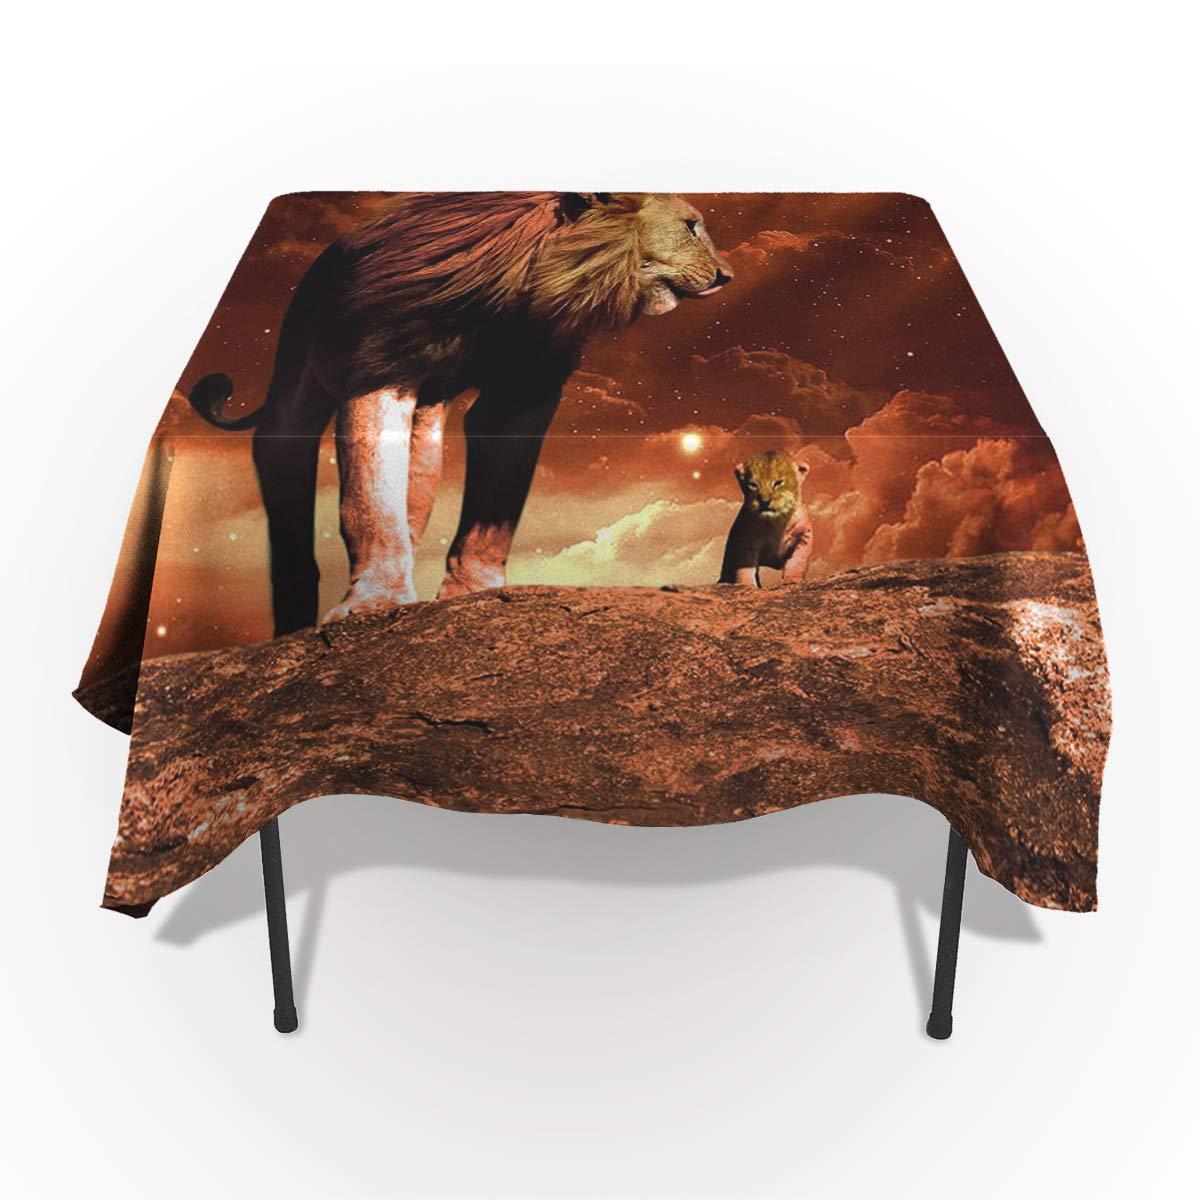 Fantasy Star 長方形 ポリエステル製テーブルクロス 見事なライオン柄 洗濯機洗い可能 テーブルカバー 装飾テーブルクロス キッチン ダイニング 宴会 パーティー用 60